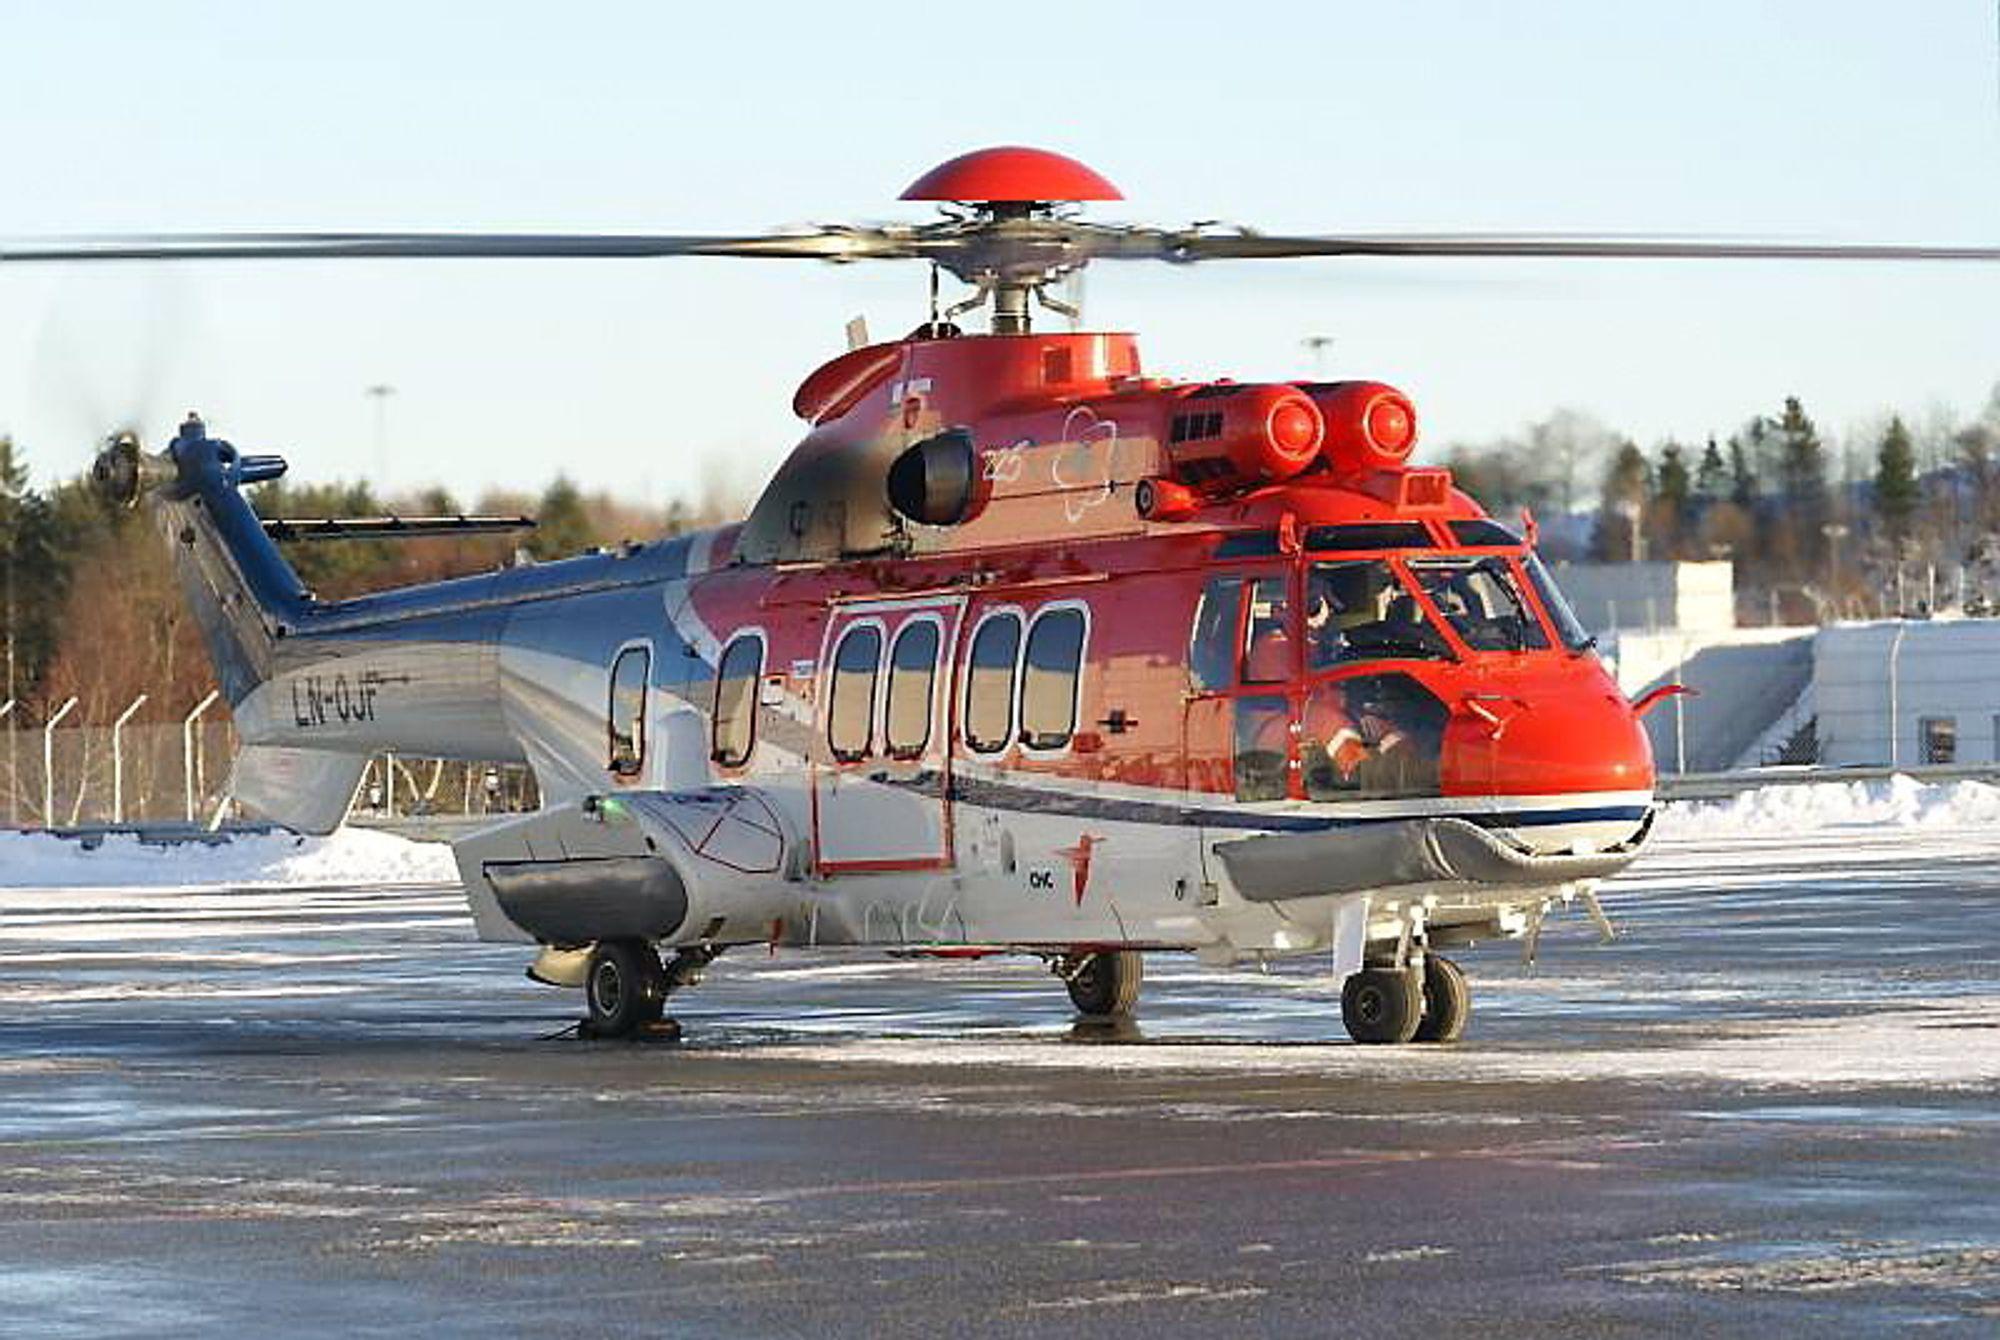 Det var et Eurocopter EC225 av denne typen som nødlandet sør for Shetland mandag ettermiddag.